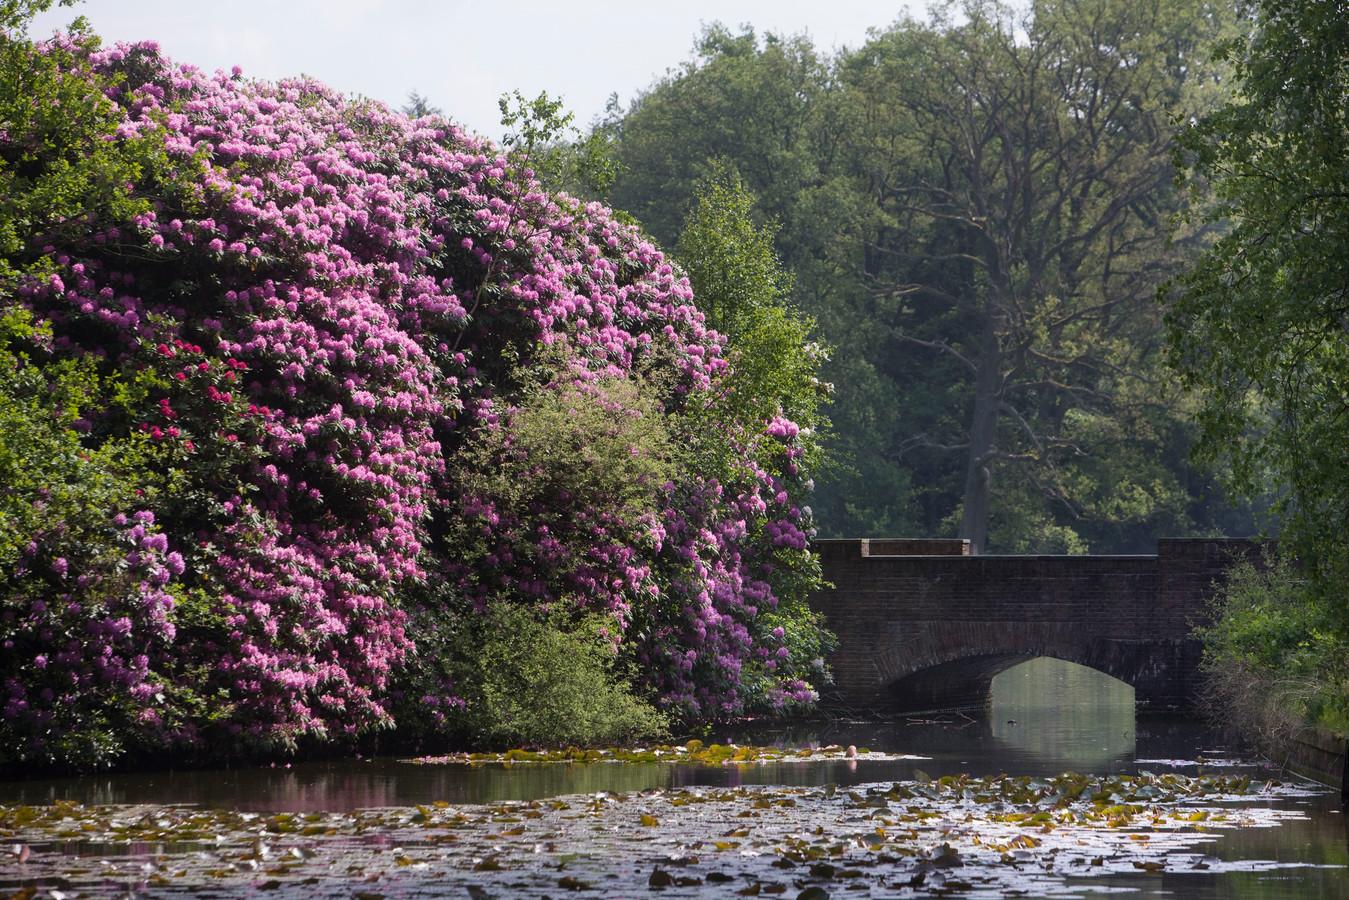 Bloeiende rododendrons bij het bruggetje van Berlage op de Hoge Veluwe.